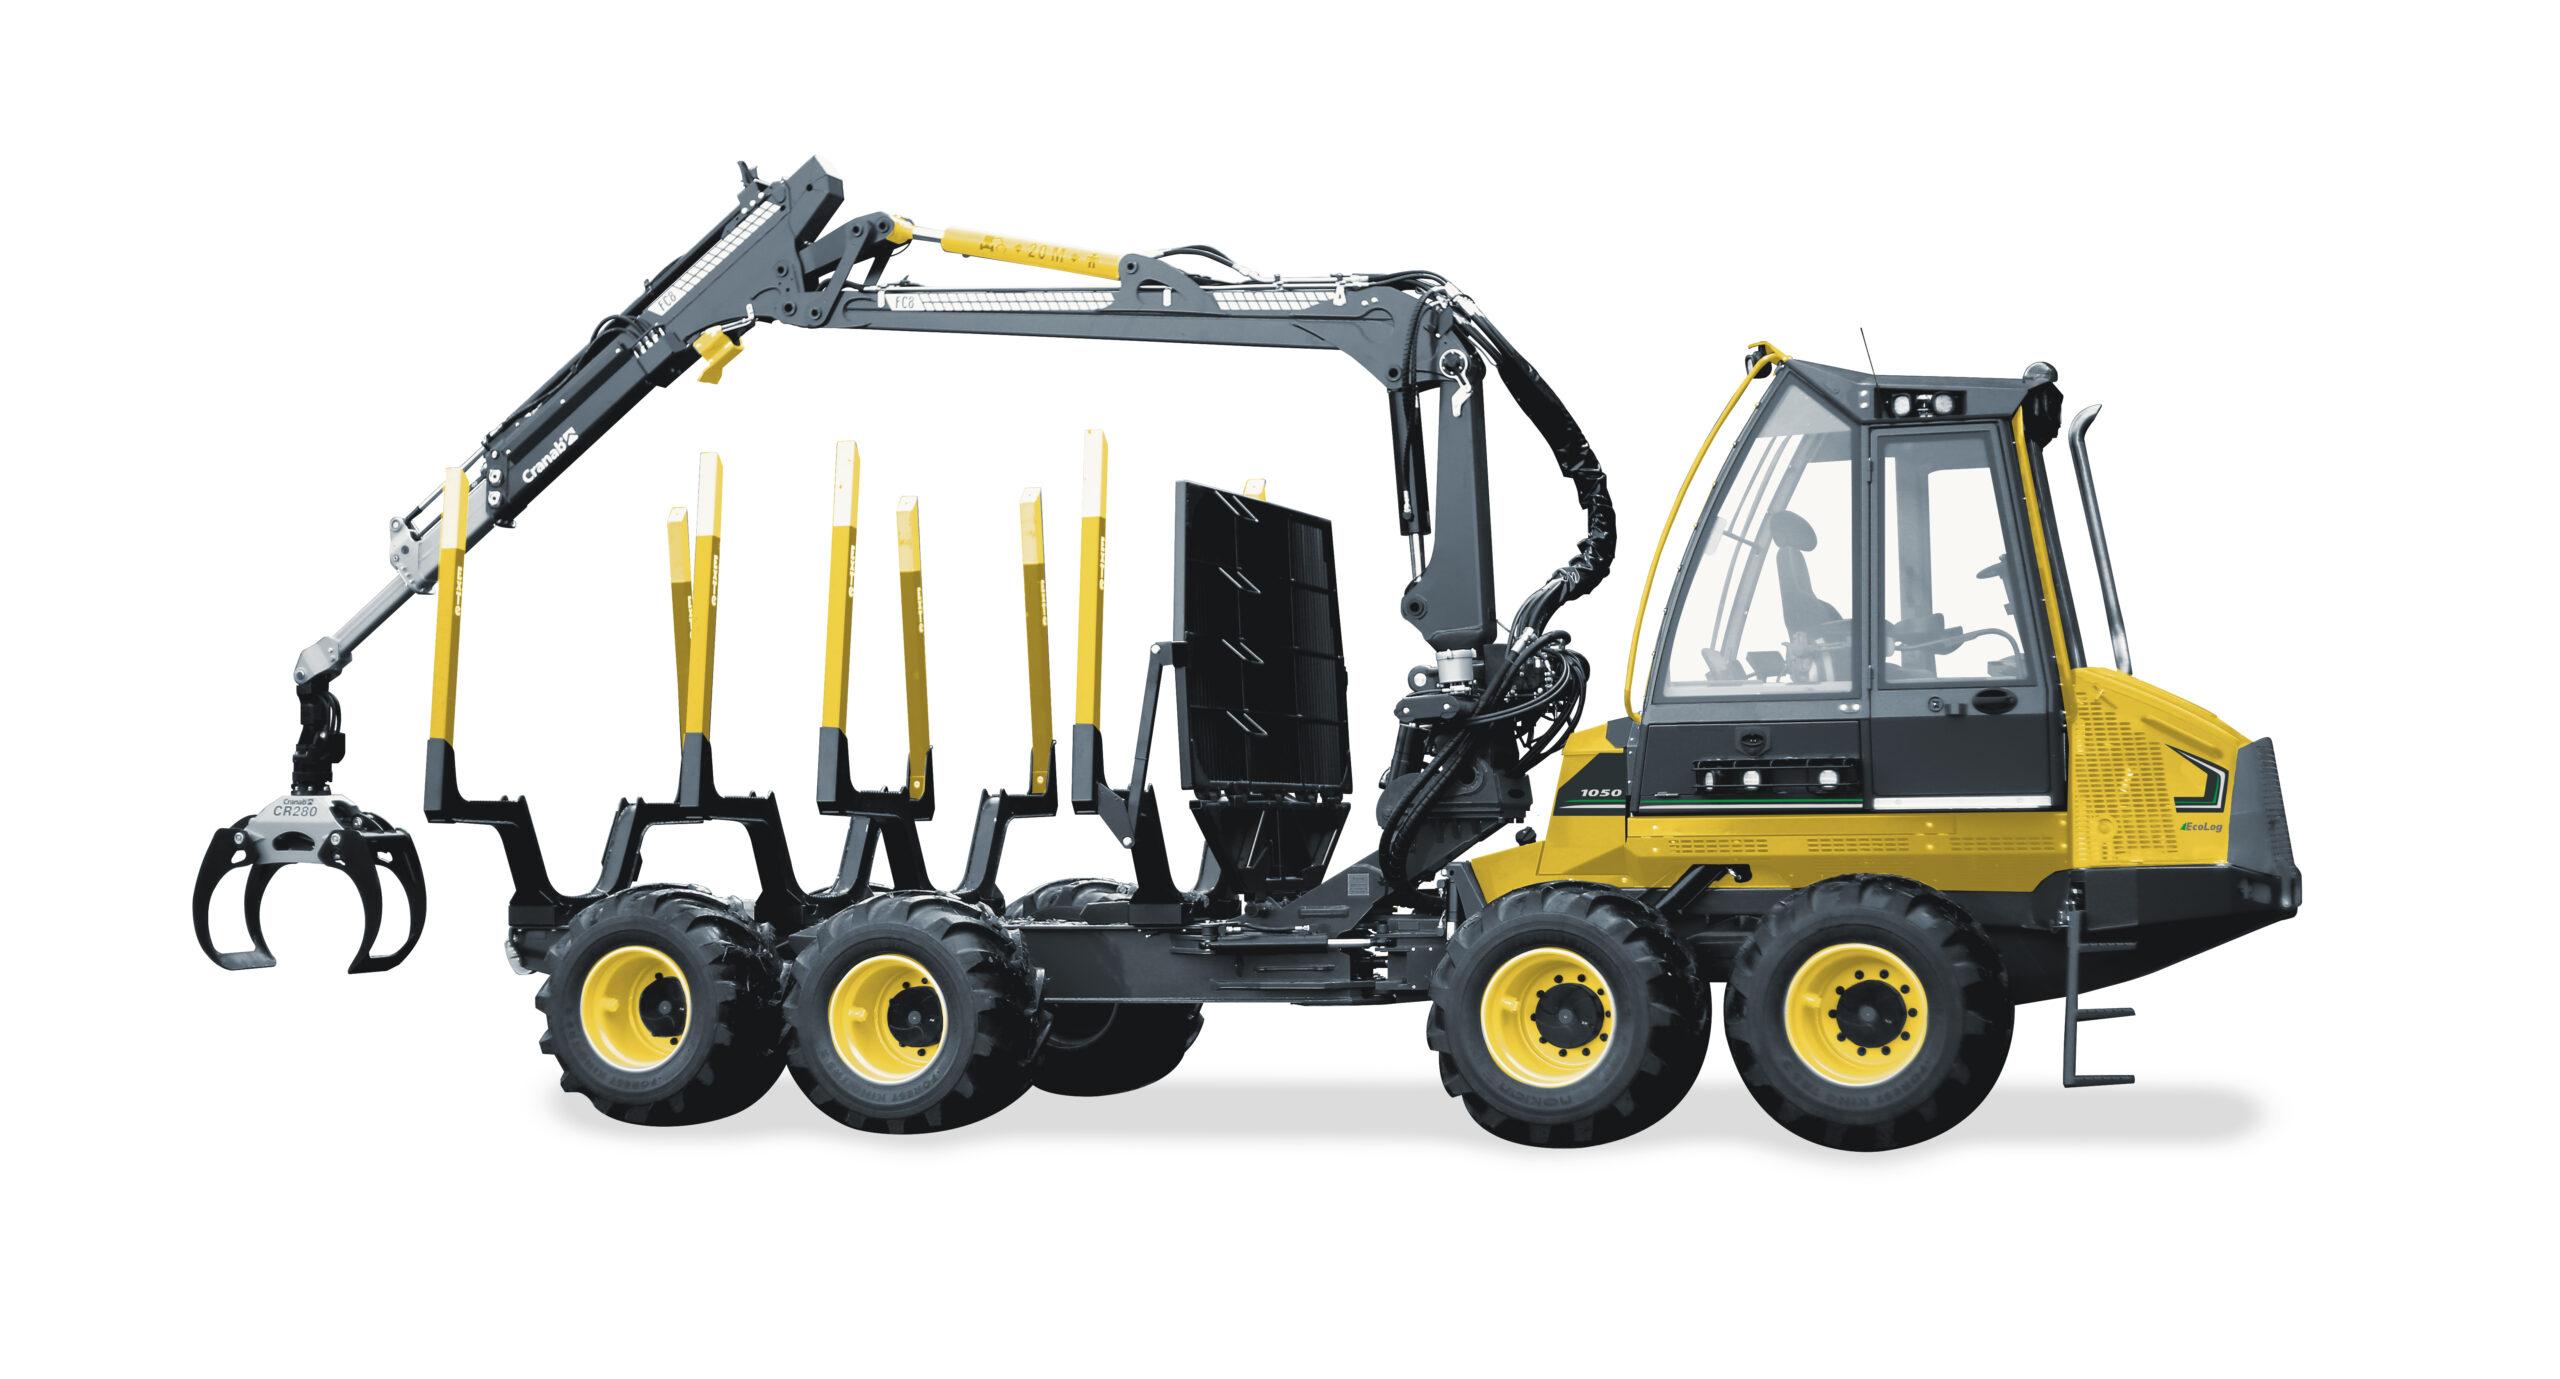 1-Eco Log 1050